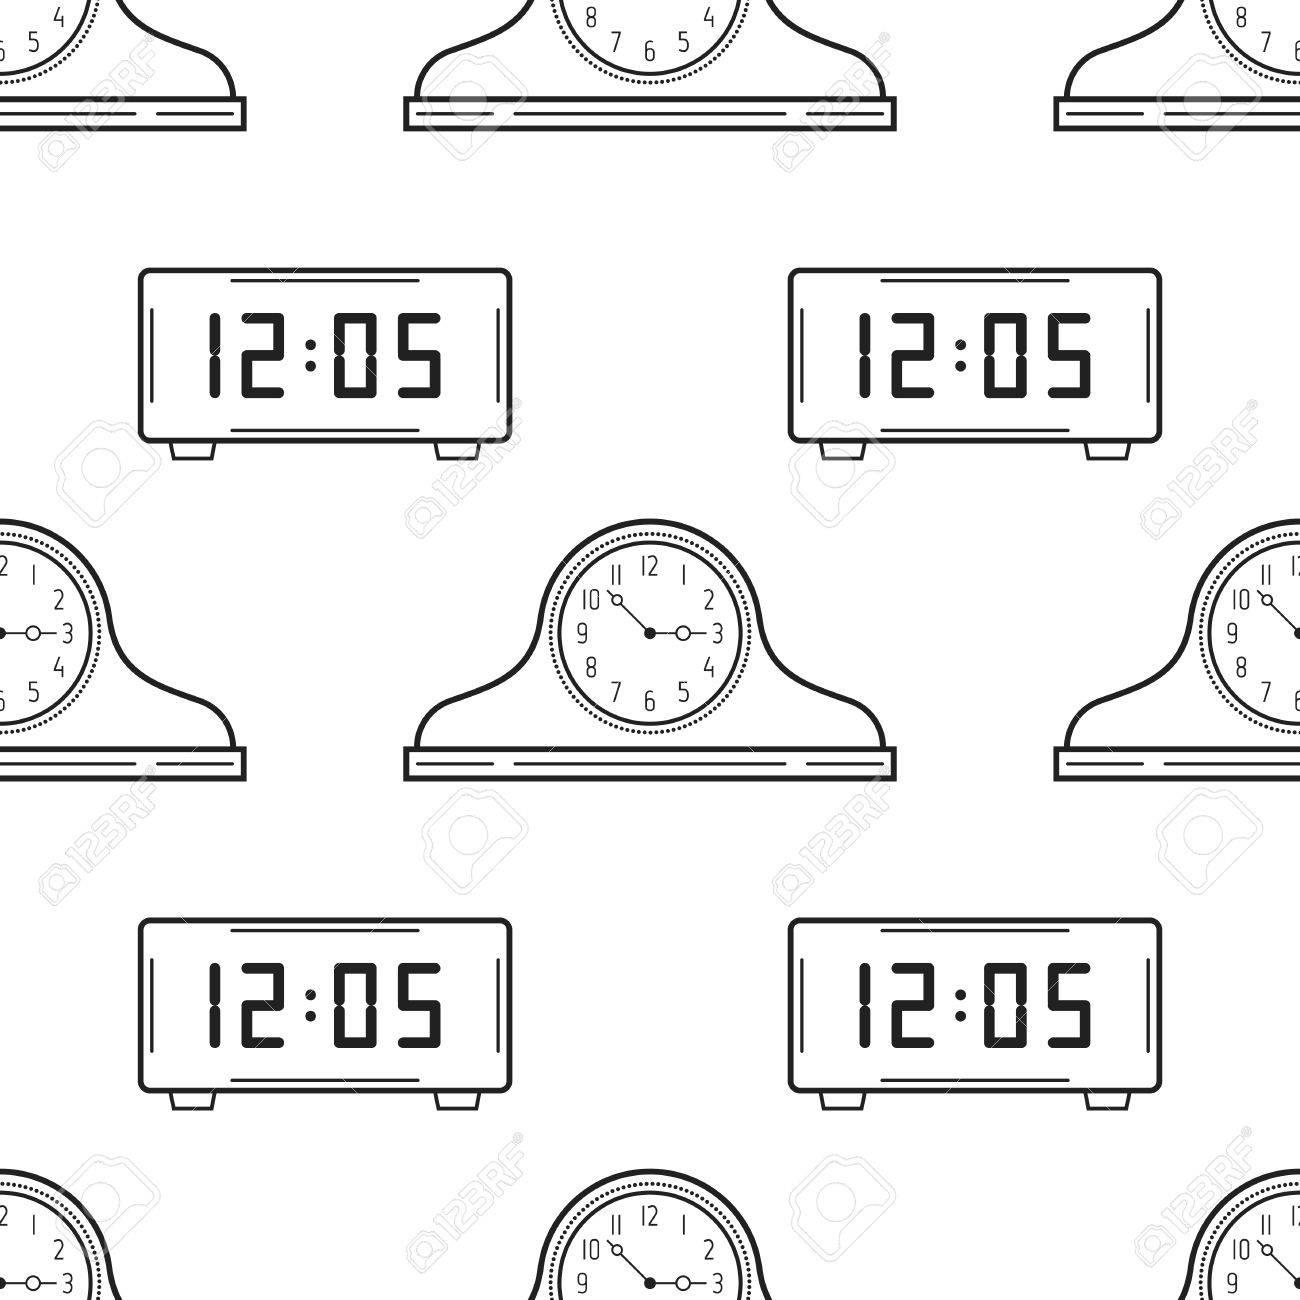 Reloj Electrónico Y Relojes De La Chimenea Blanco Y Negro De Patrones Sin Fisuras Para Colorear Libros Páginas Ilustración Vectorial